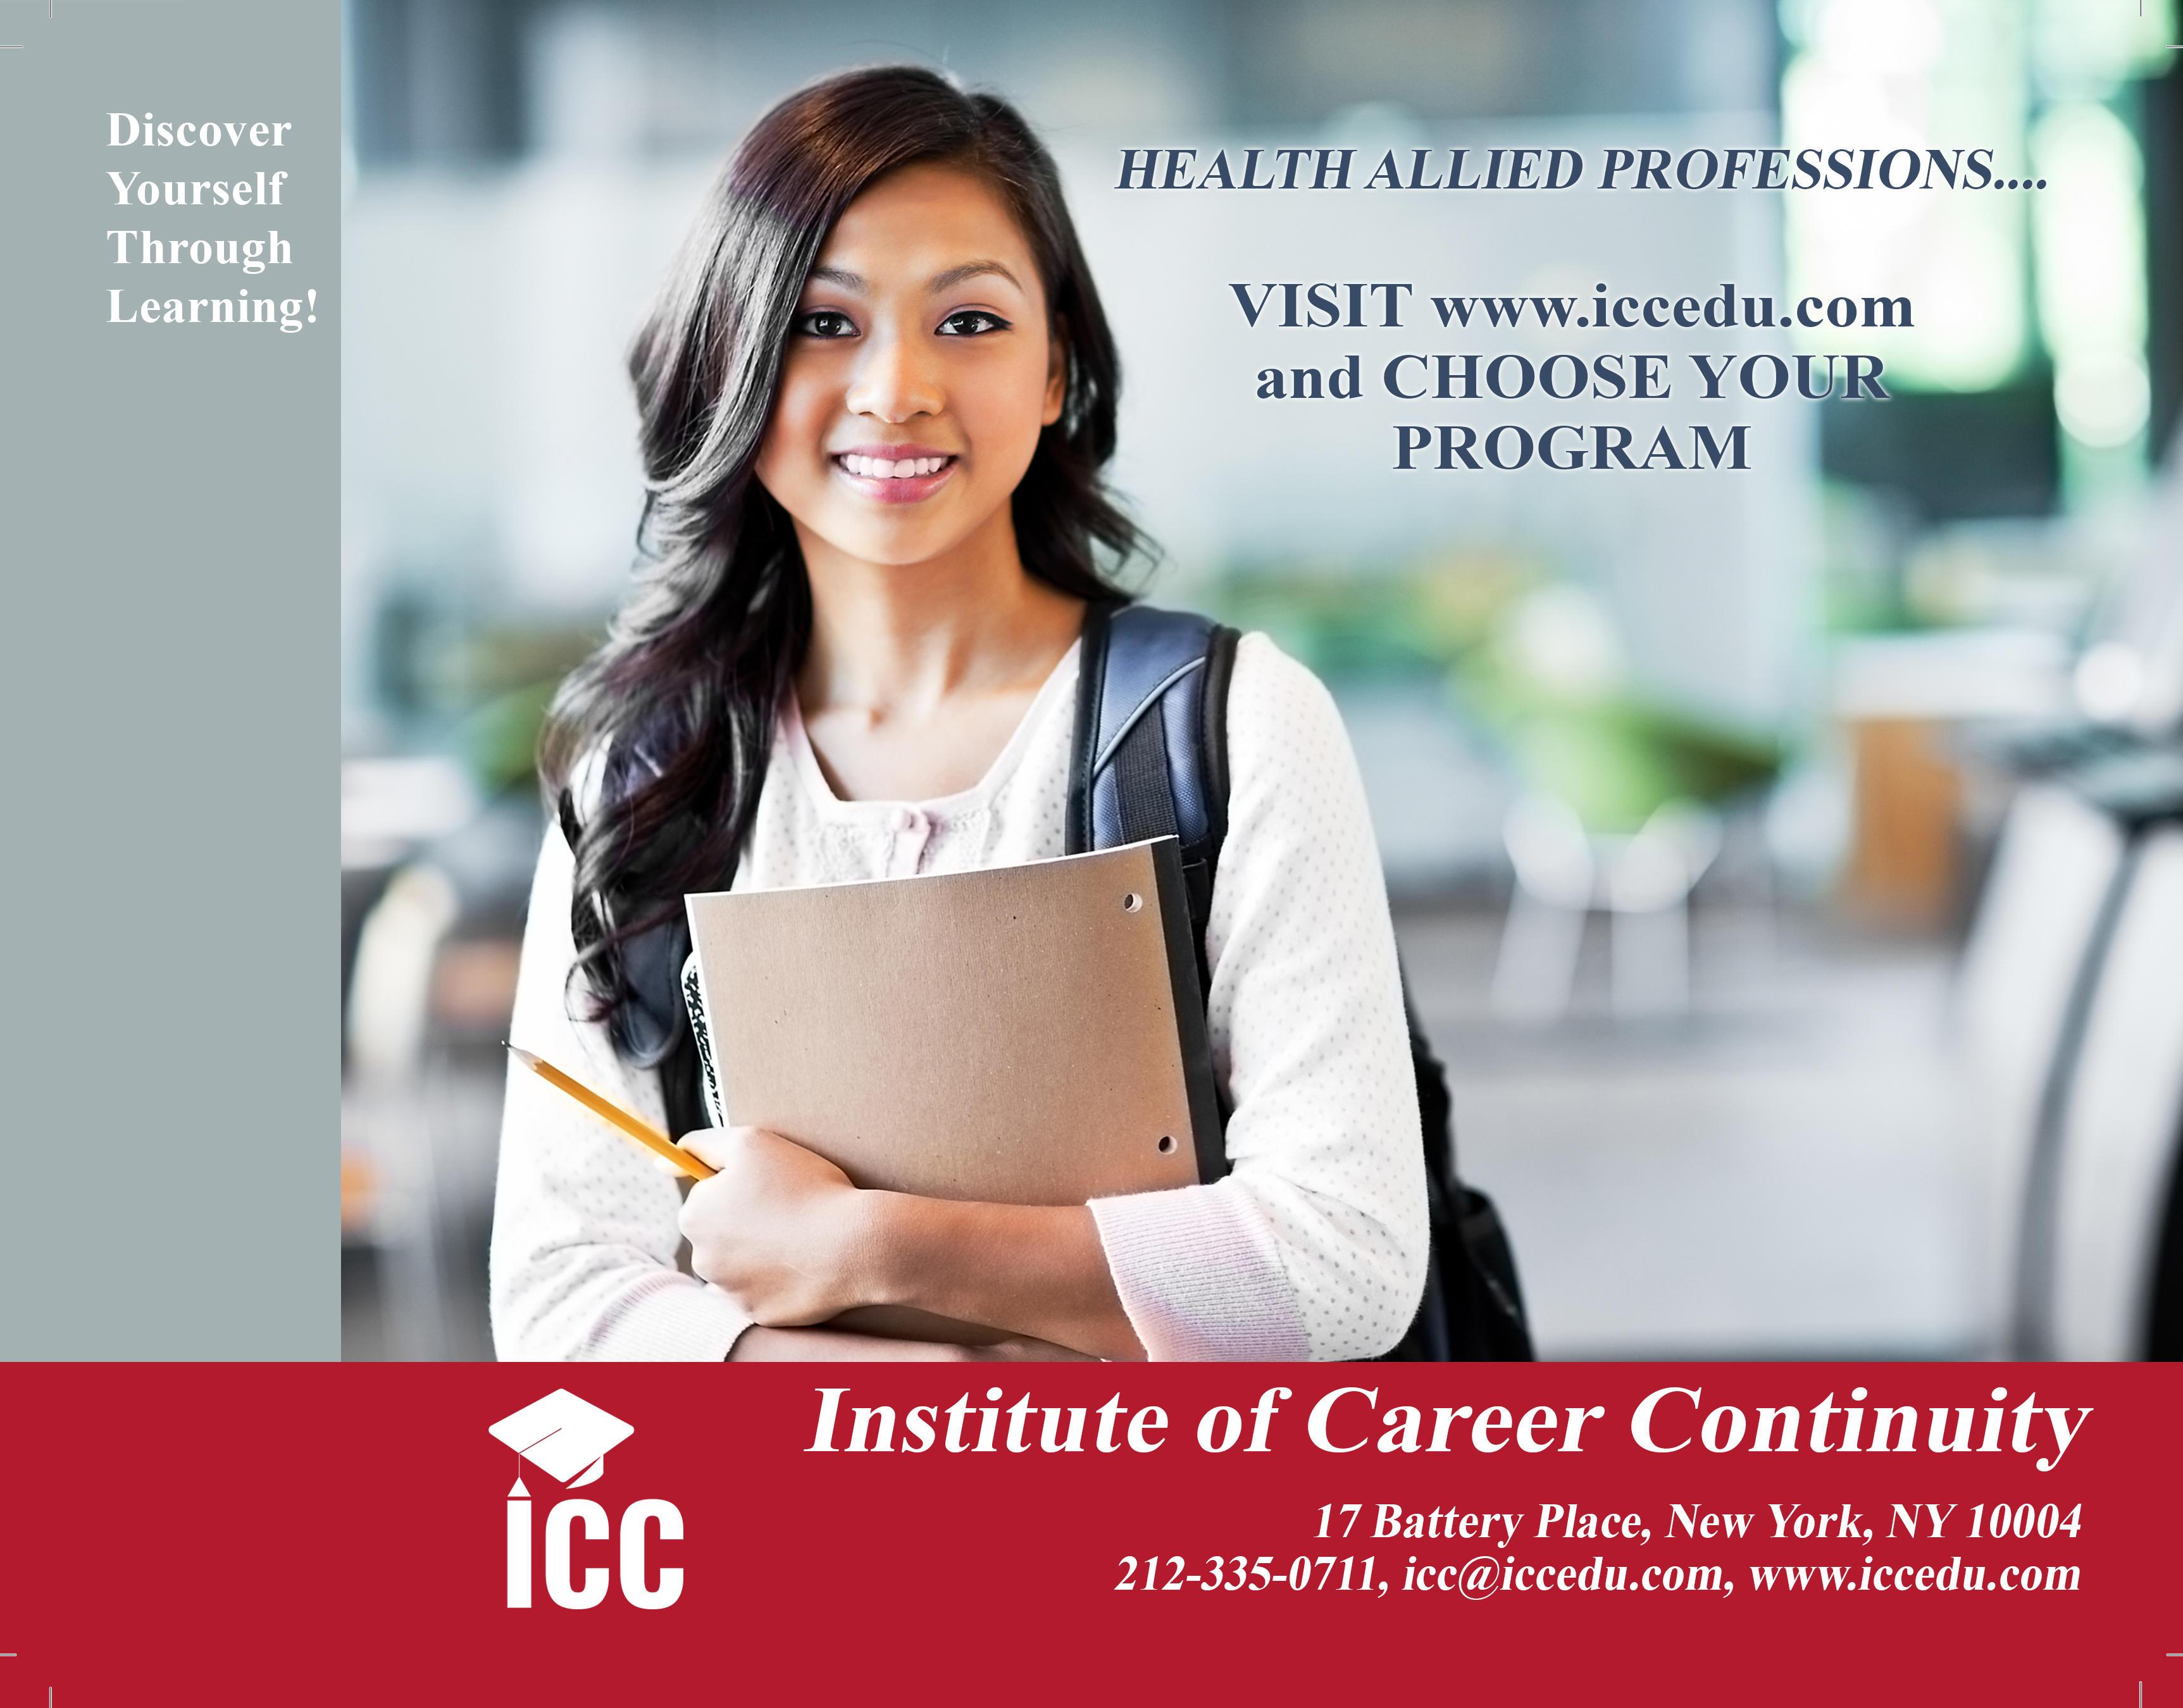 Institute of Career Continuity image 3